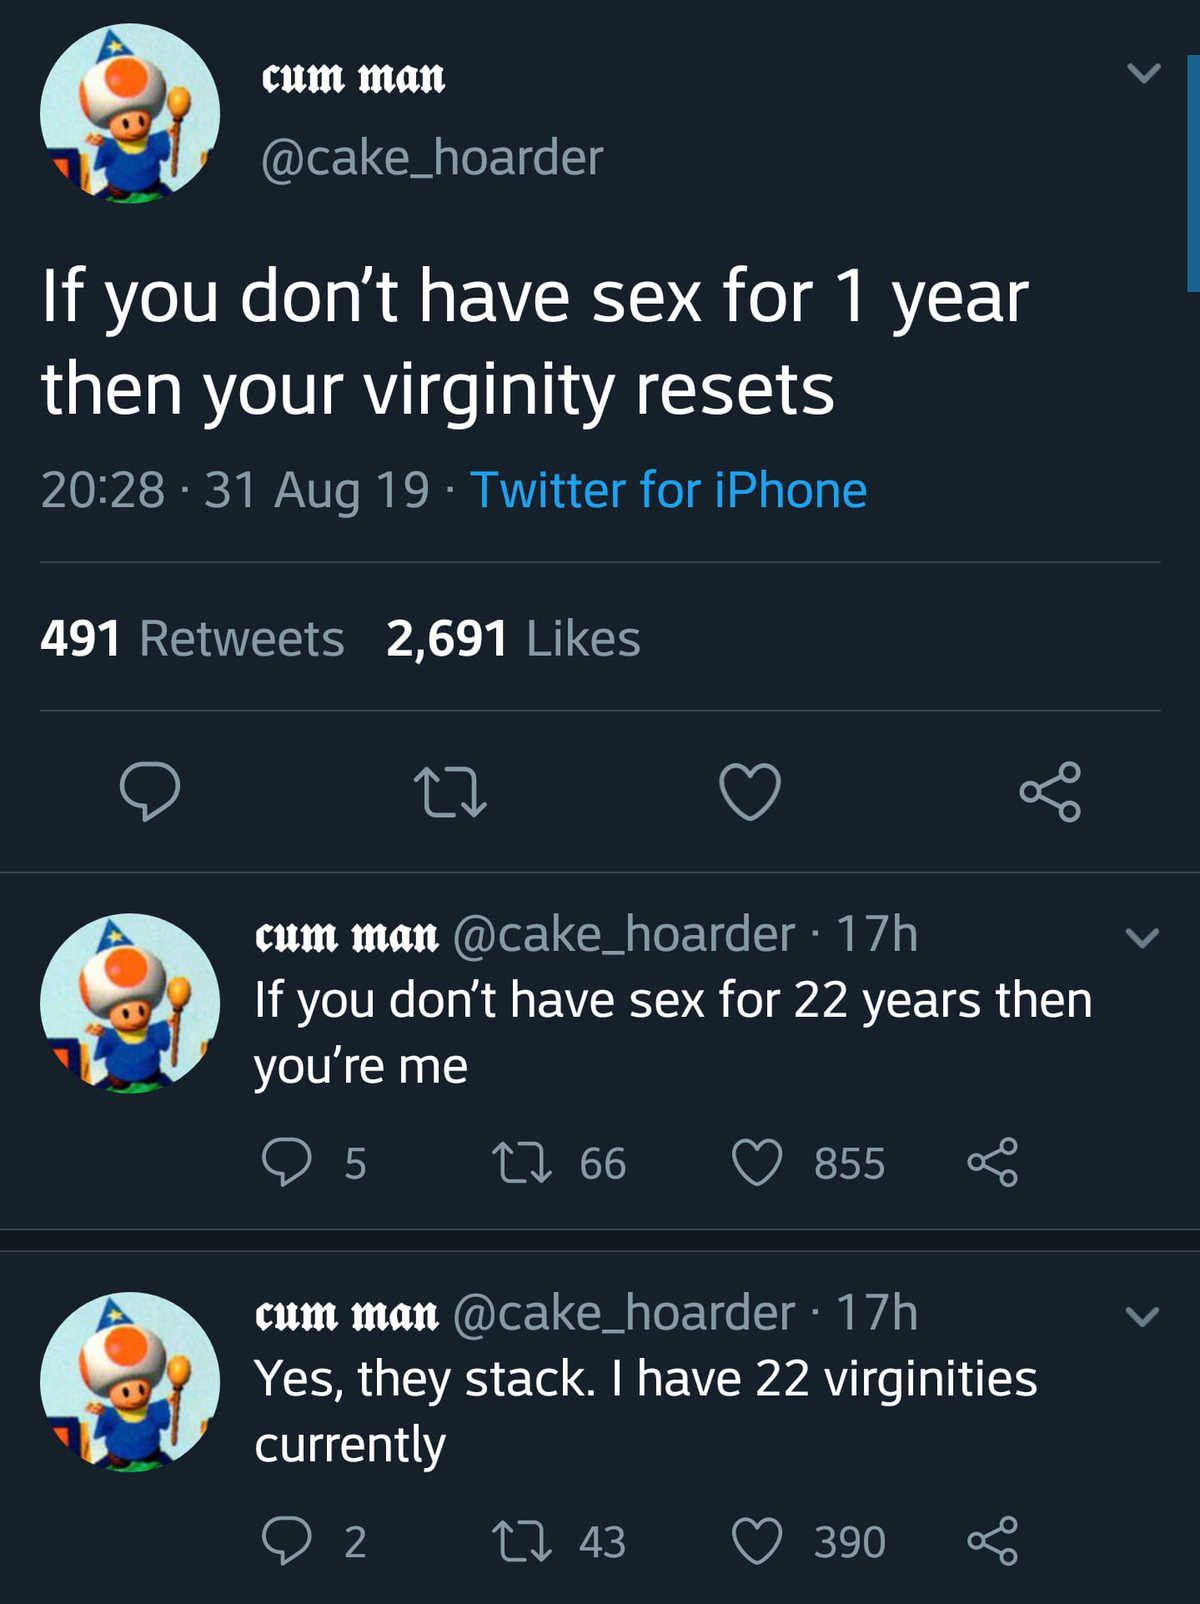 30 virginities is worth 1 wizard